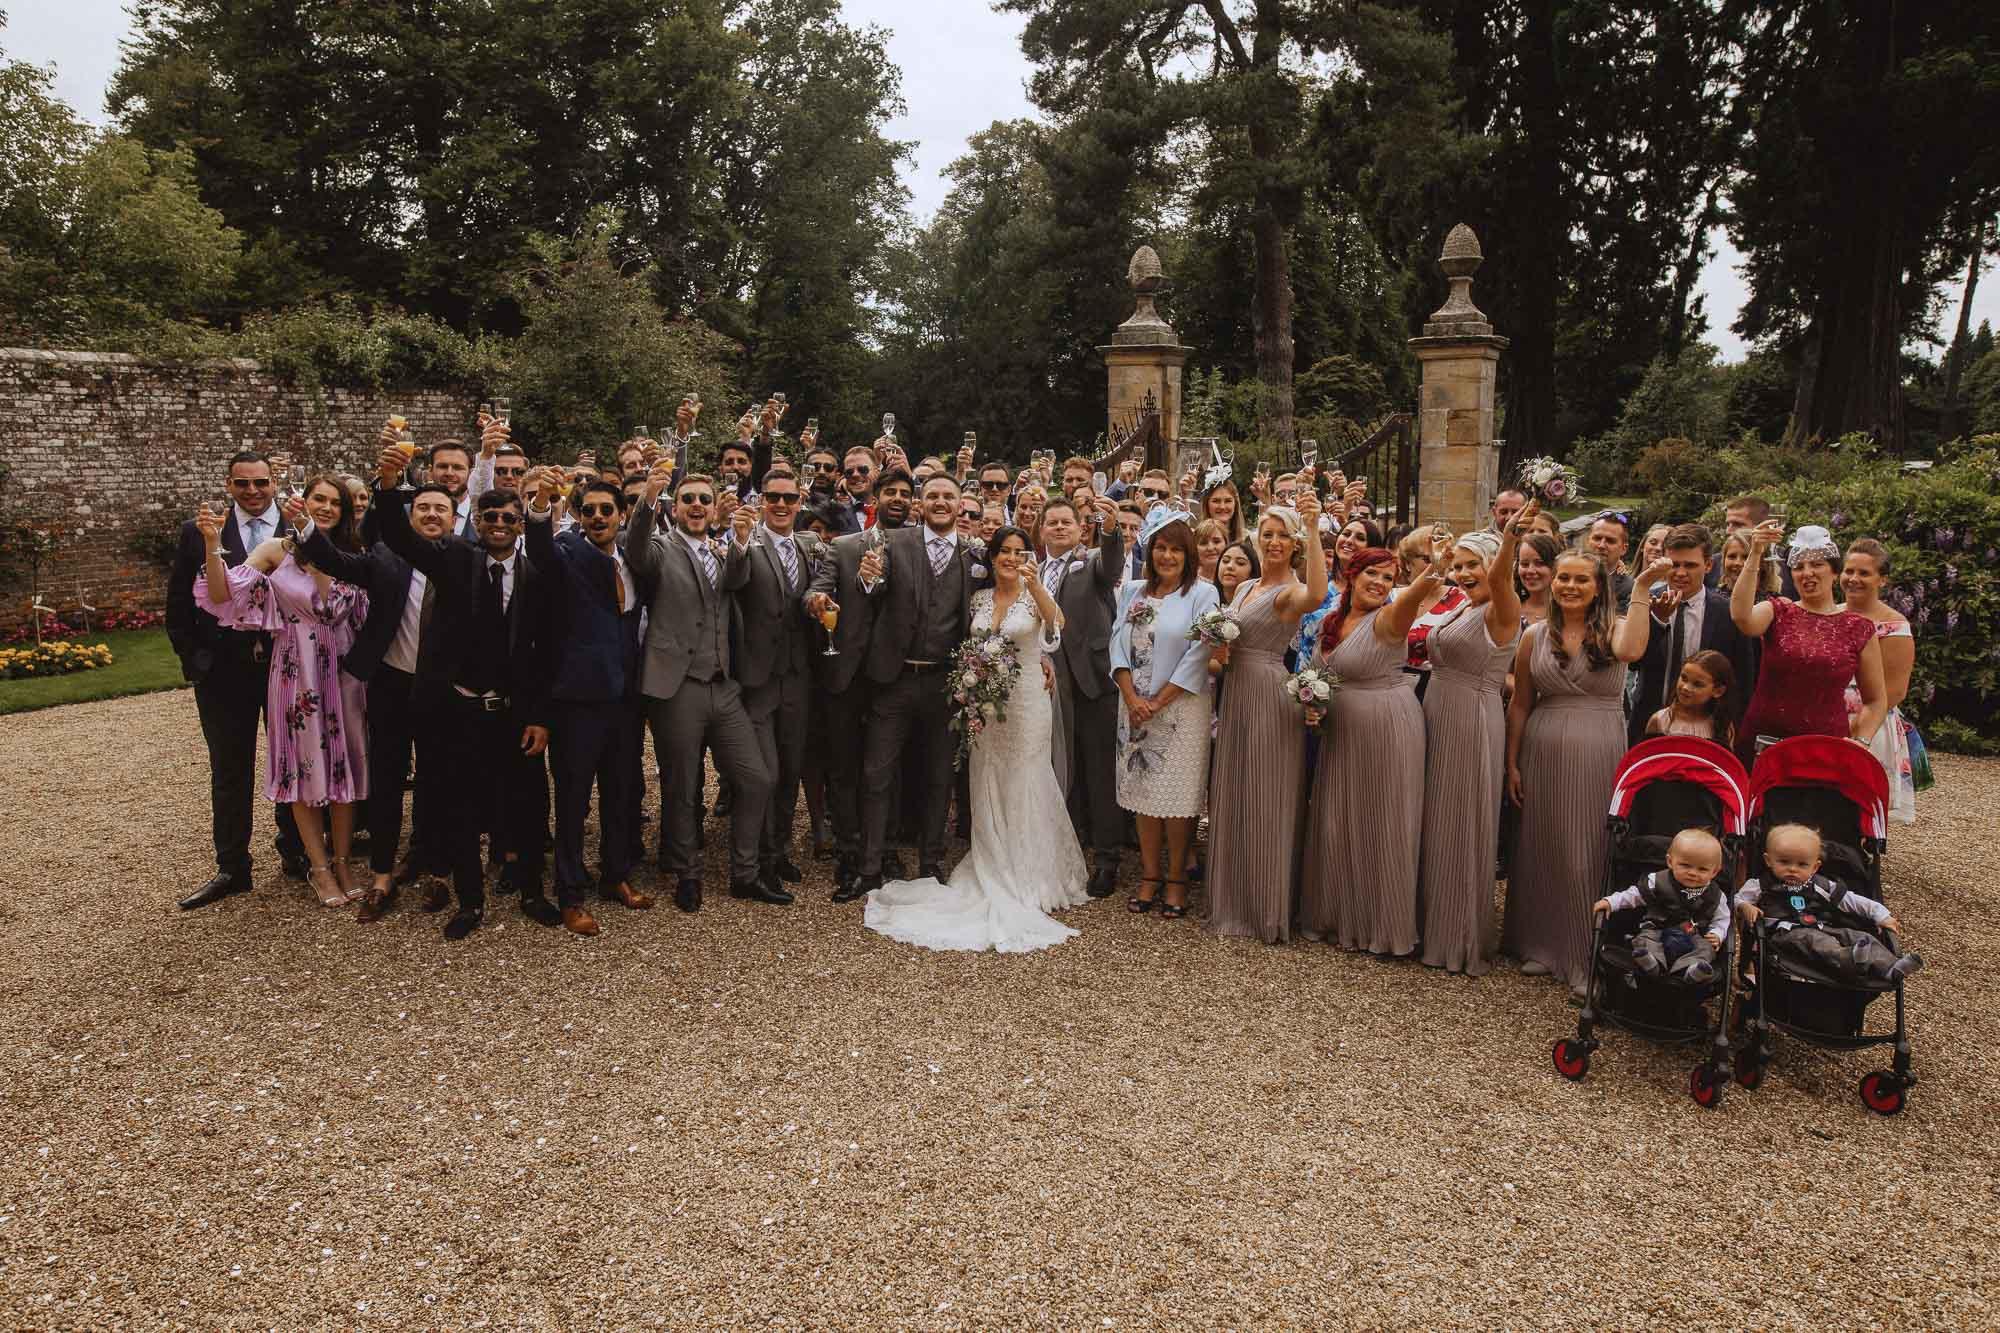 Groombridge-place-wedding-photography-48.jpg